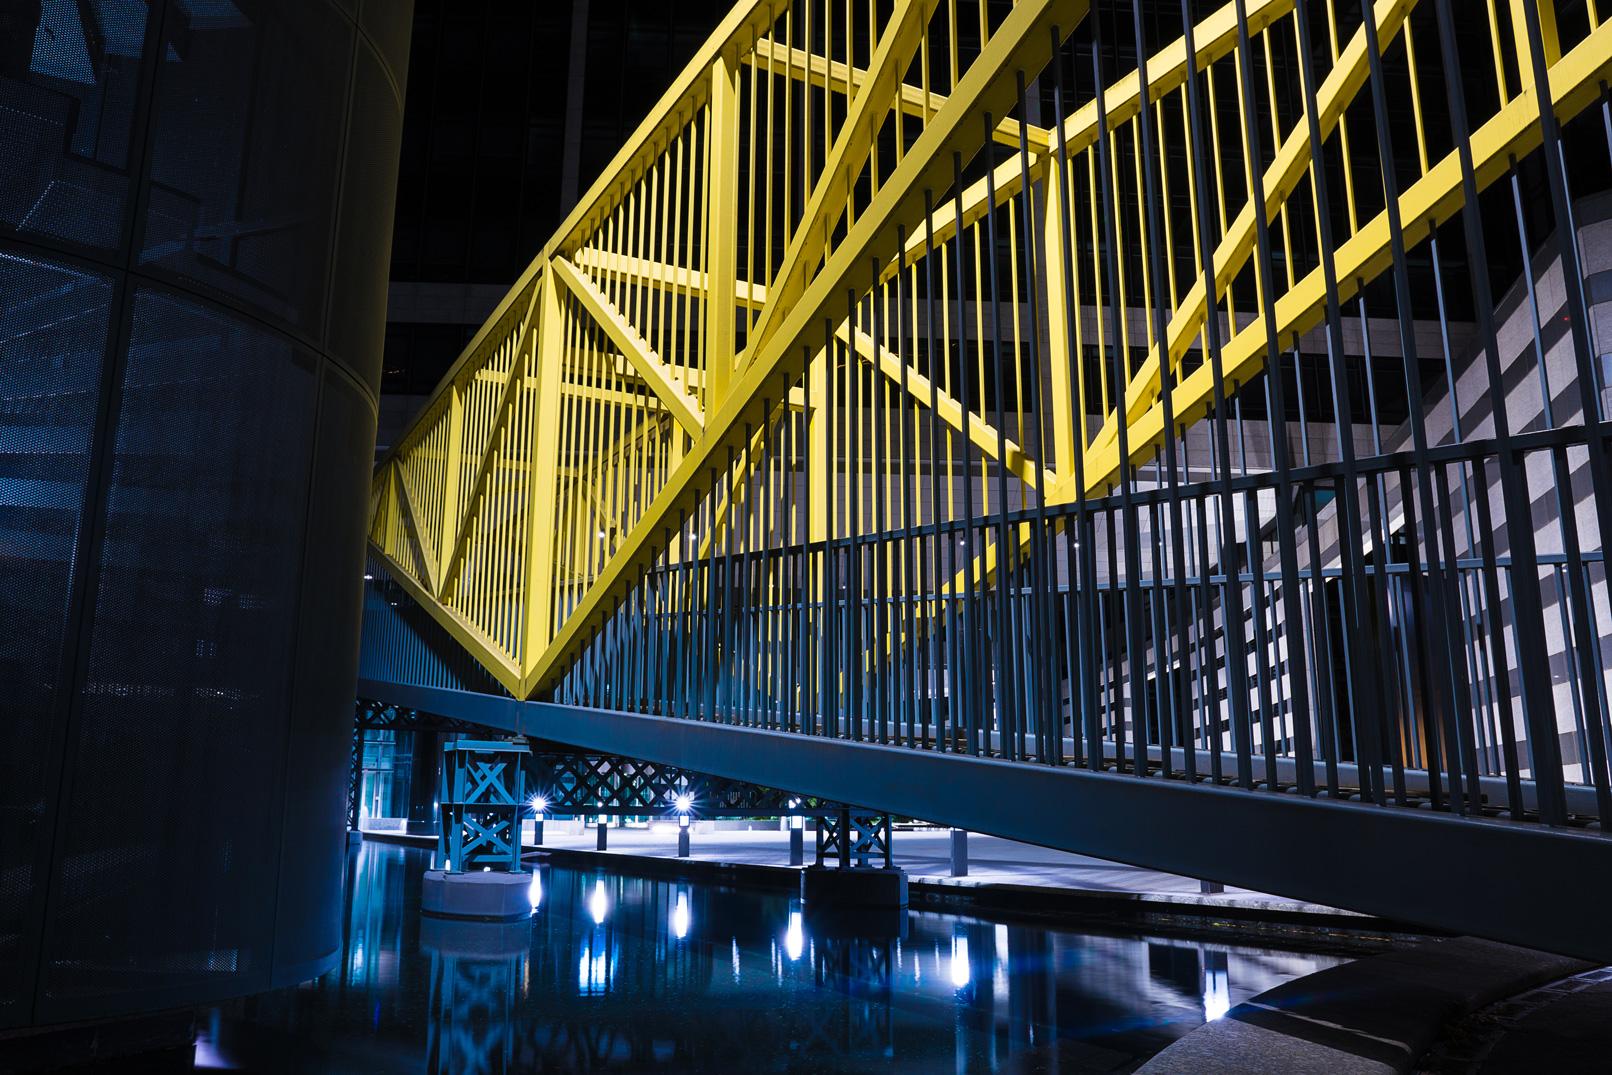 Tipps und Tricks zur Nachtfotografie, mit denen spannende Nachtaufnahmen angefertigt werden können.